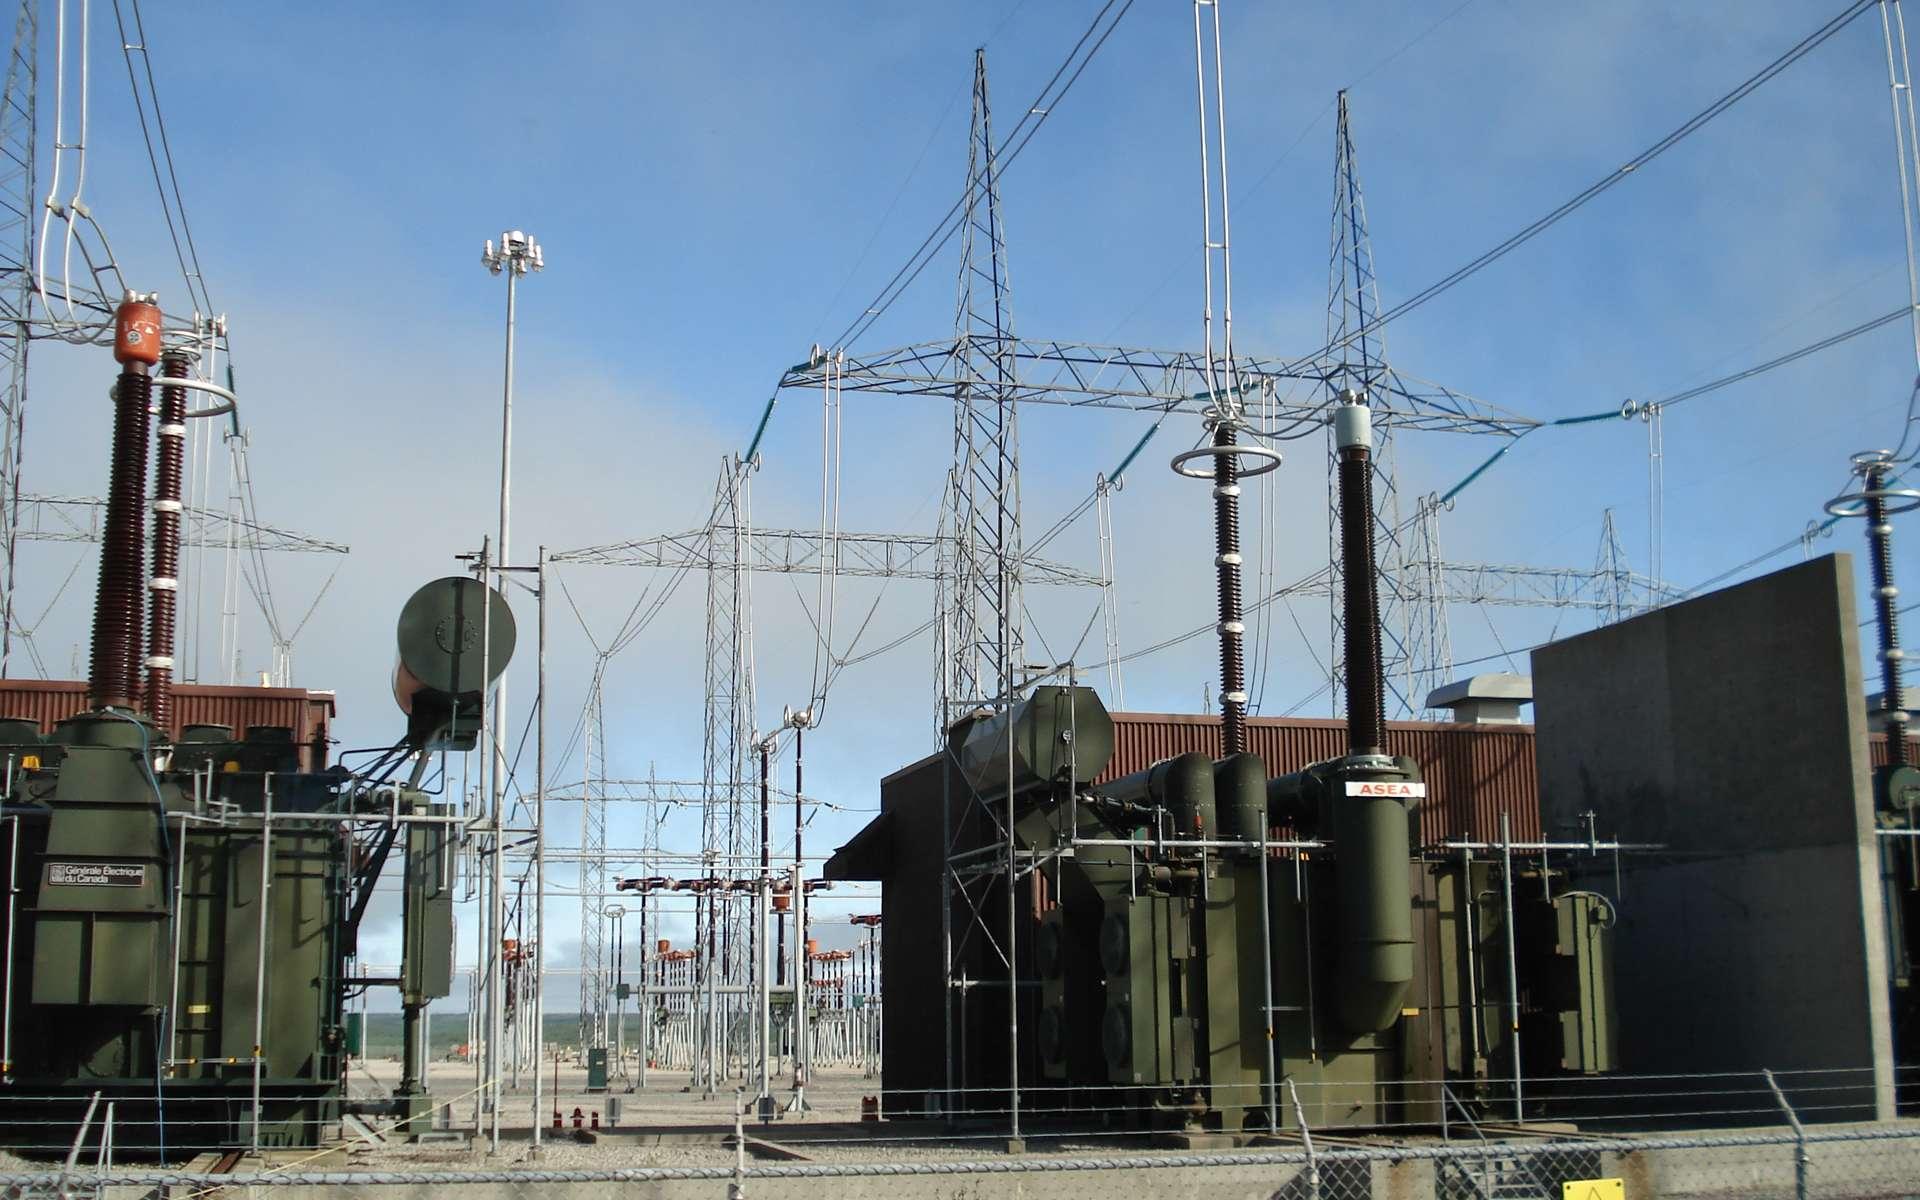 Ici le poste de transformation de la centrale hydroélectrique Robert Bourrassa au Québec. © FargoneD, CC BY 2.5, Wikipedia Commons